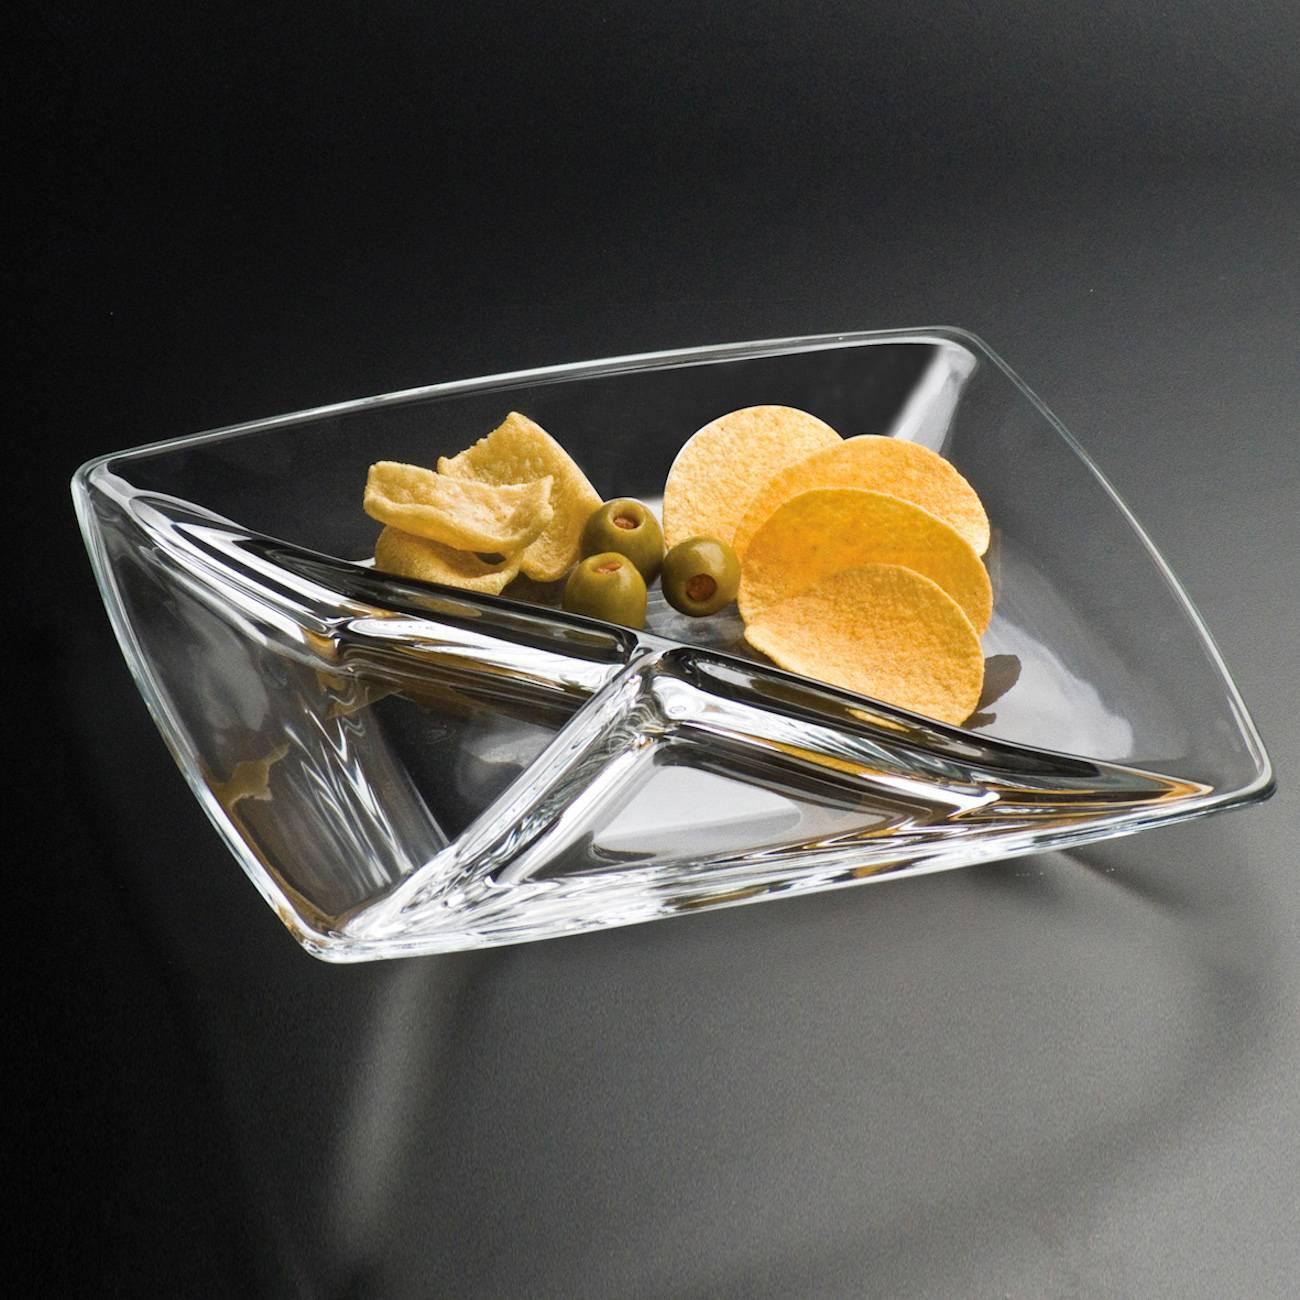 Petisqueira Torcelo Quadrada Transparente em Vidro - 23 cm